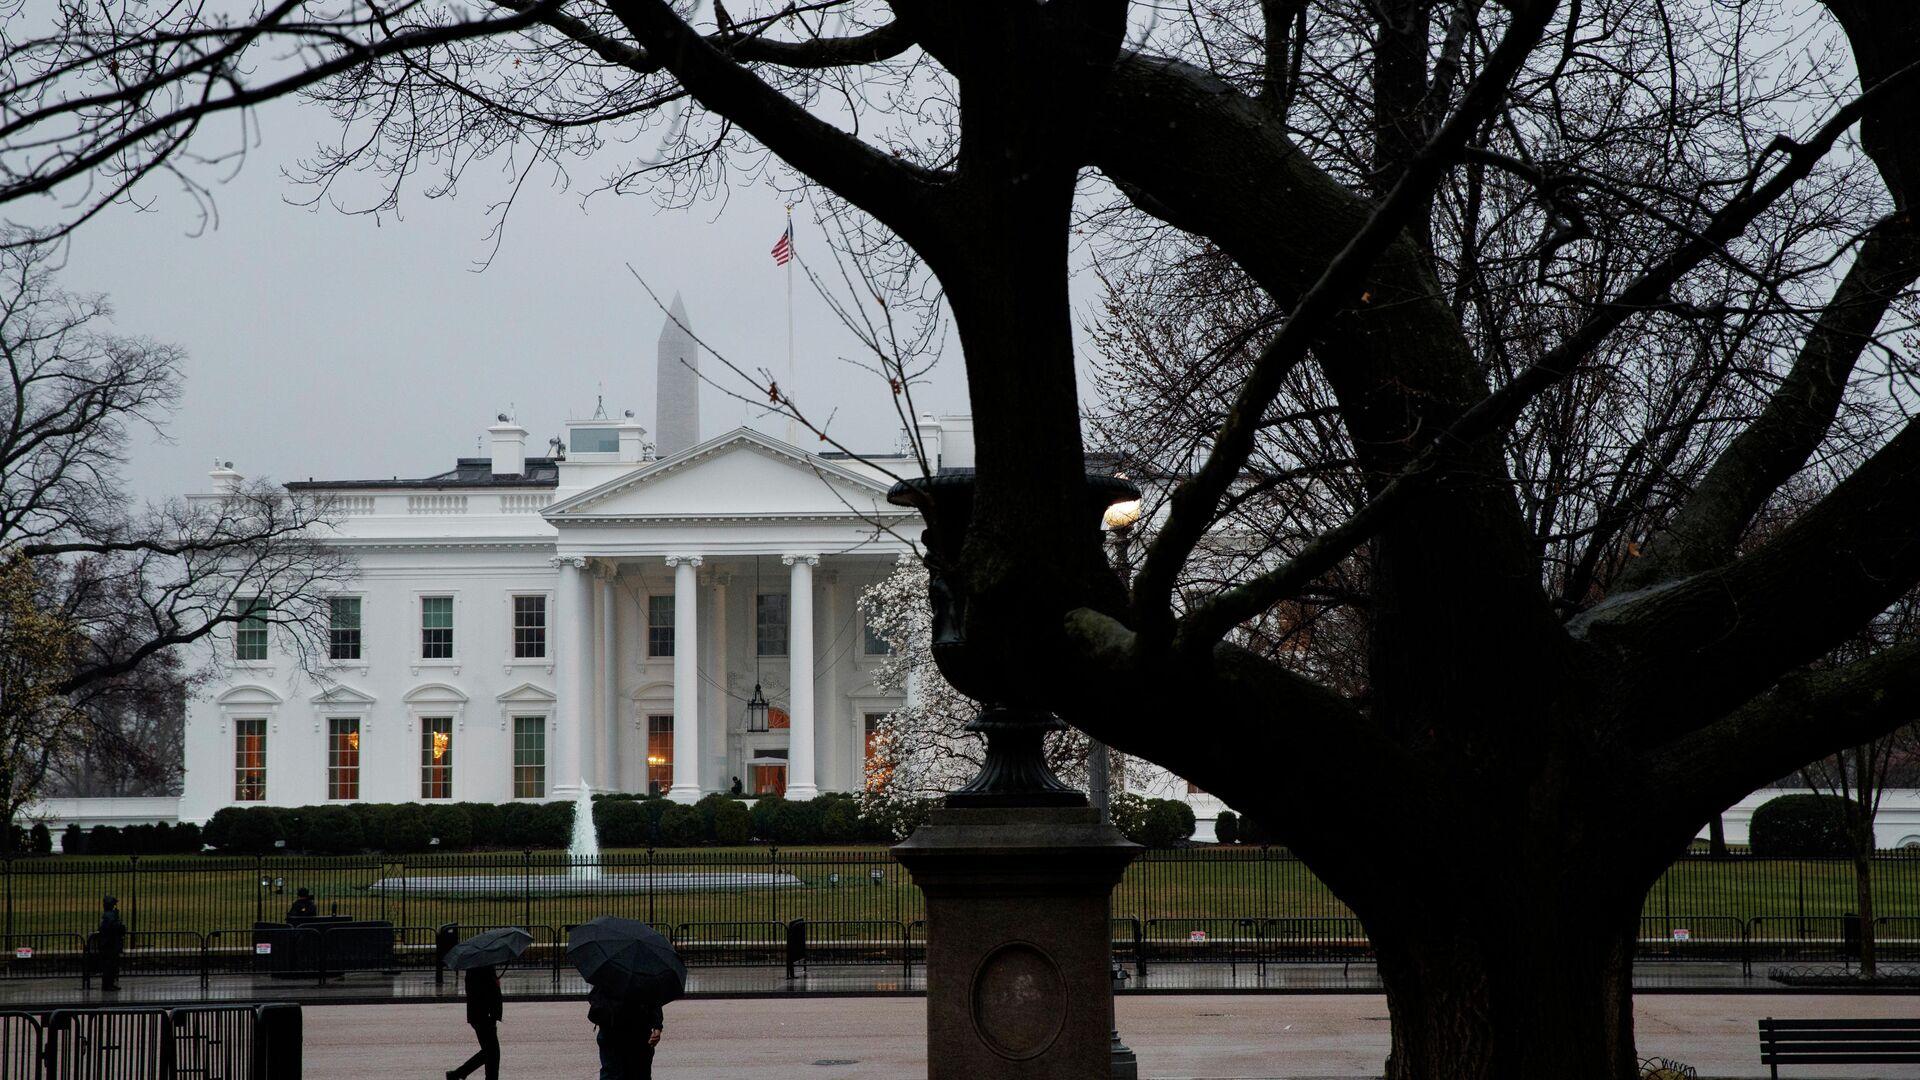 Здание Белого дома в Вашингтоне, США - РИА Новости, 1920, 03.03.2021